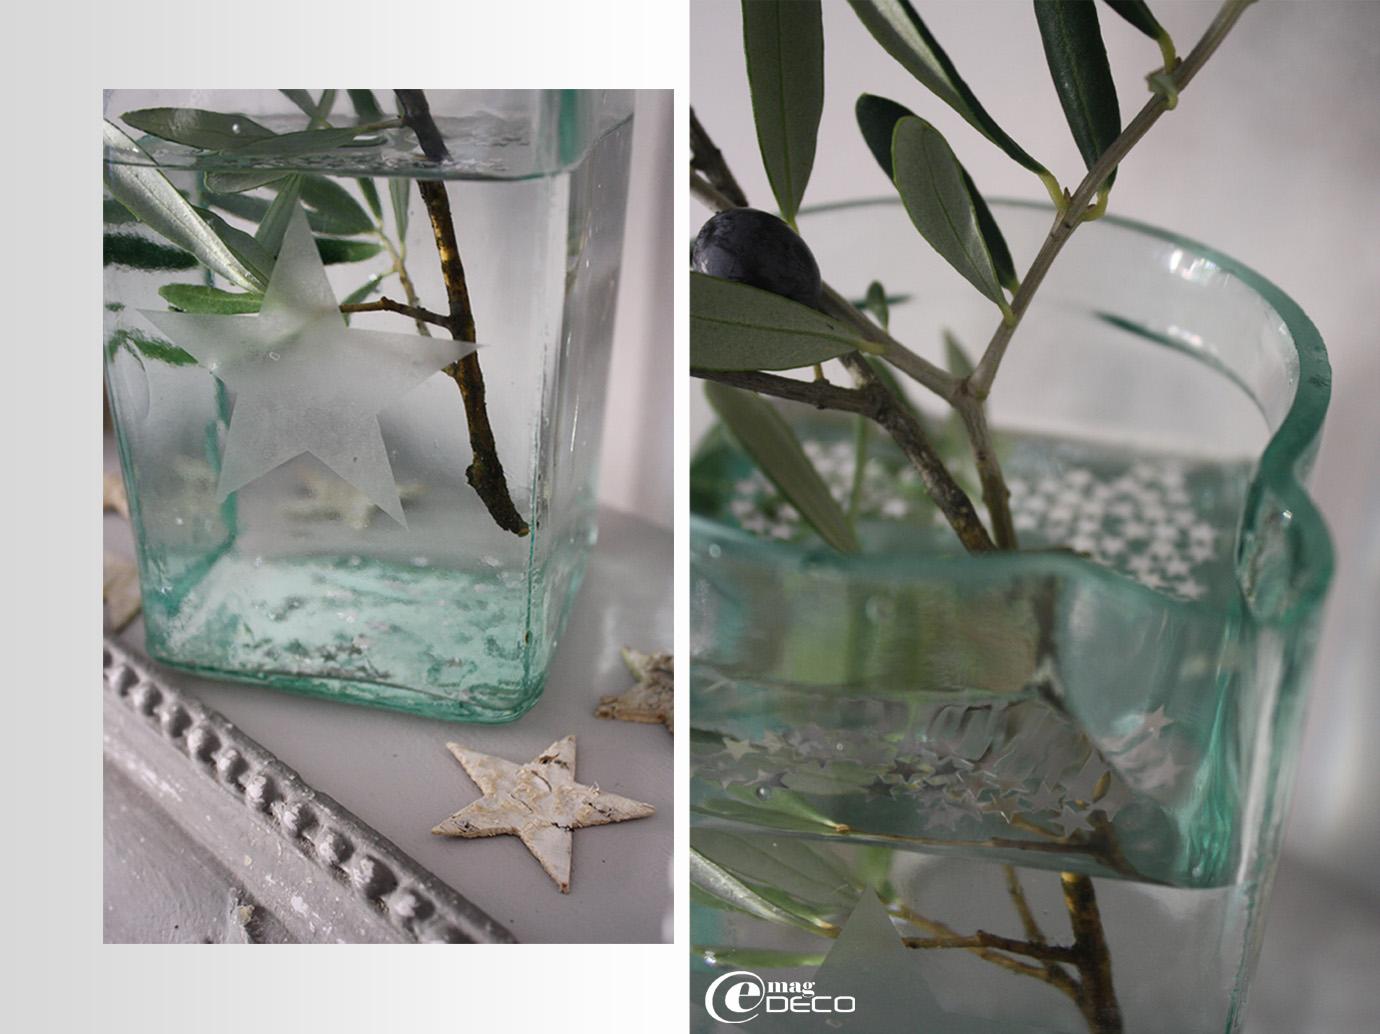 Bocal ancien en verre gravé d'une étoile, création bord de scène